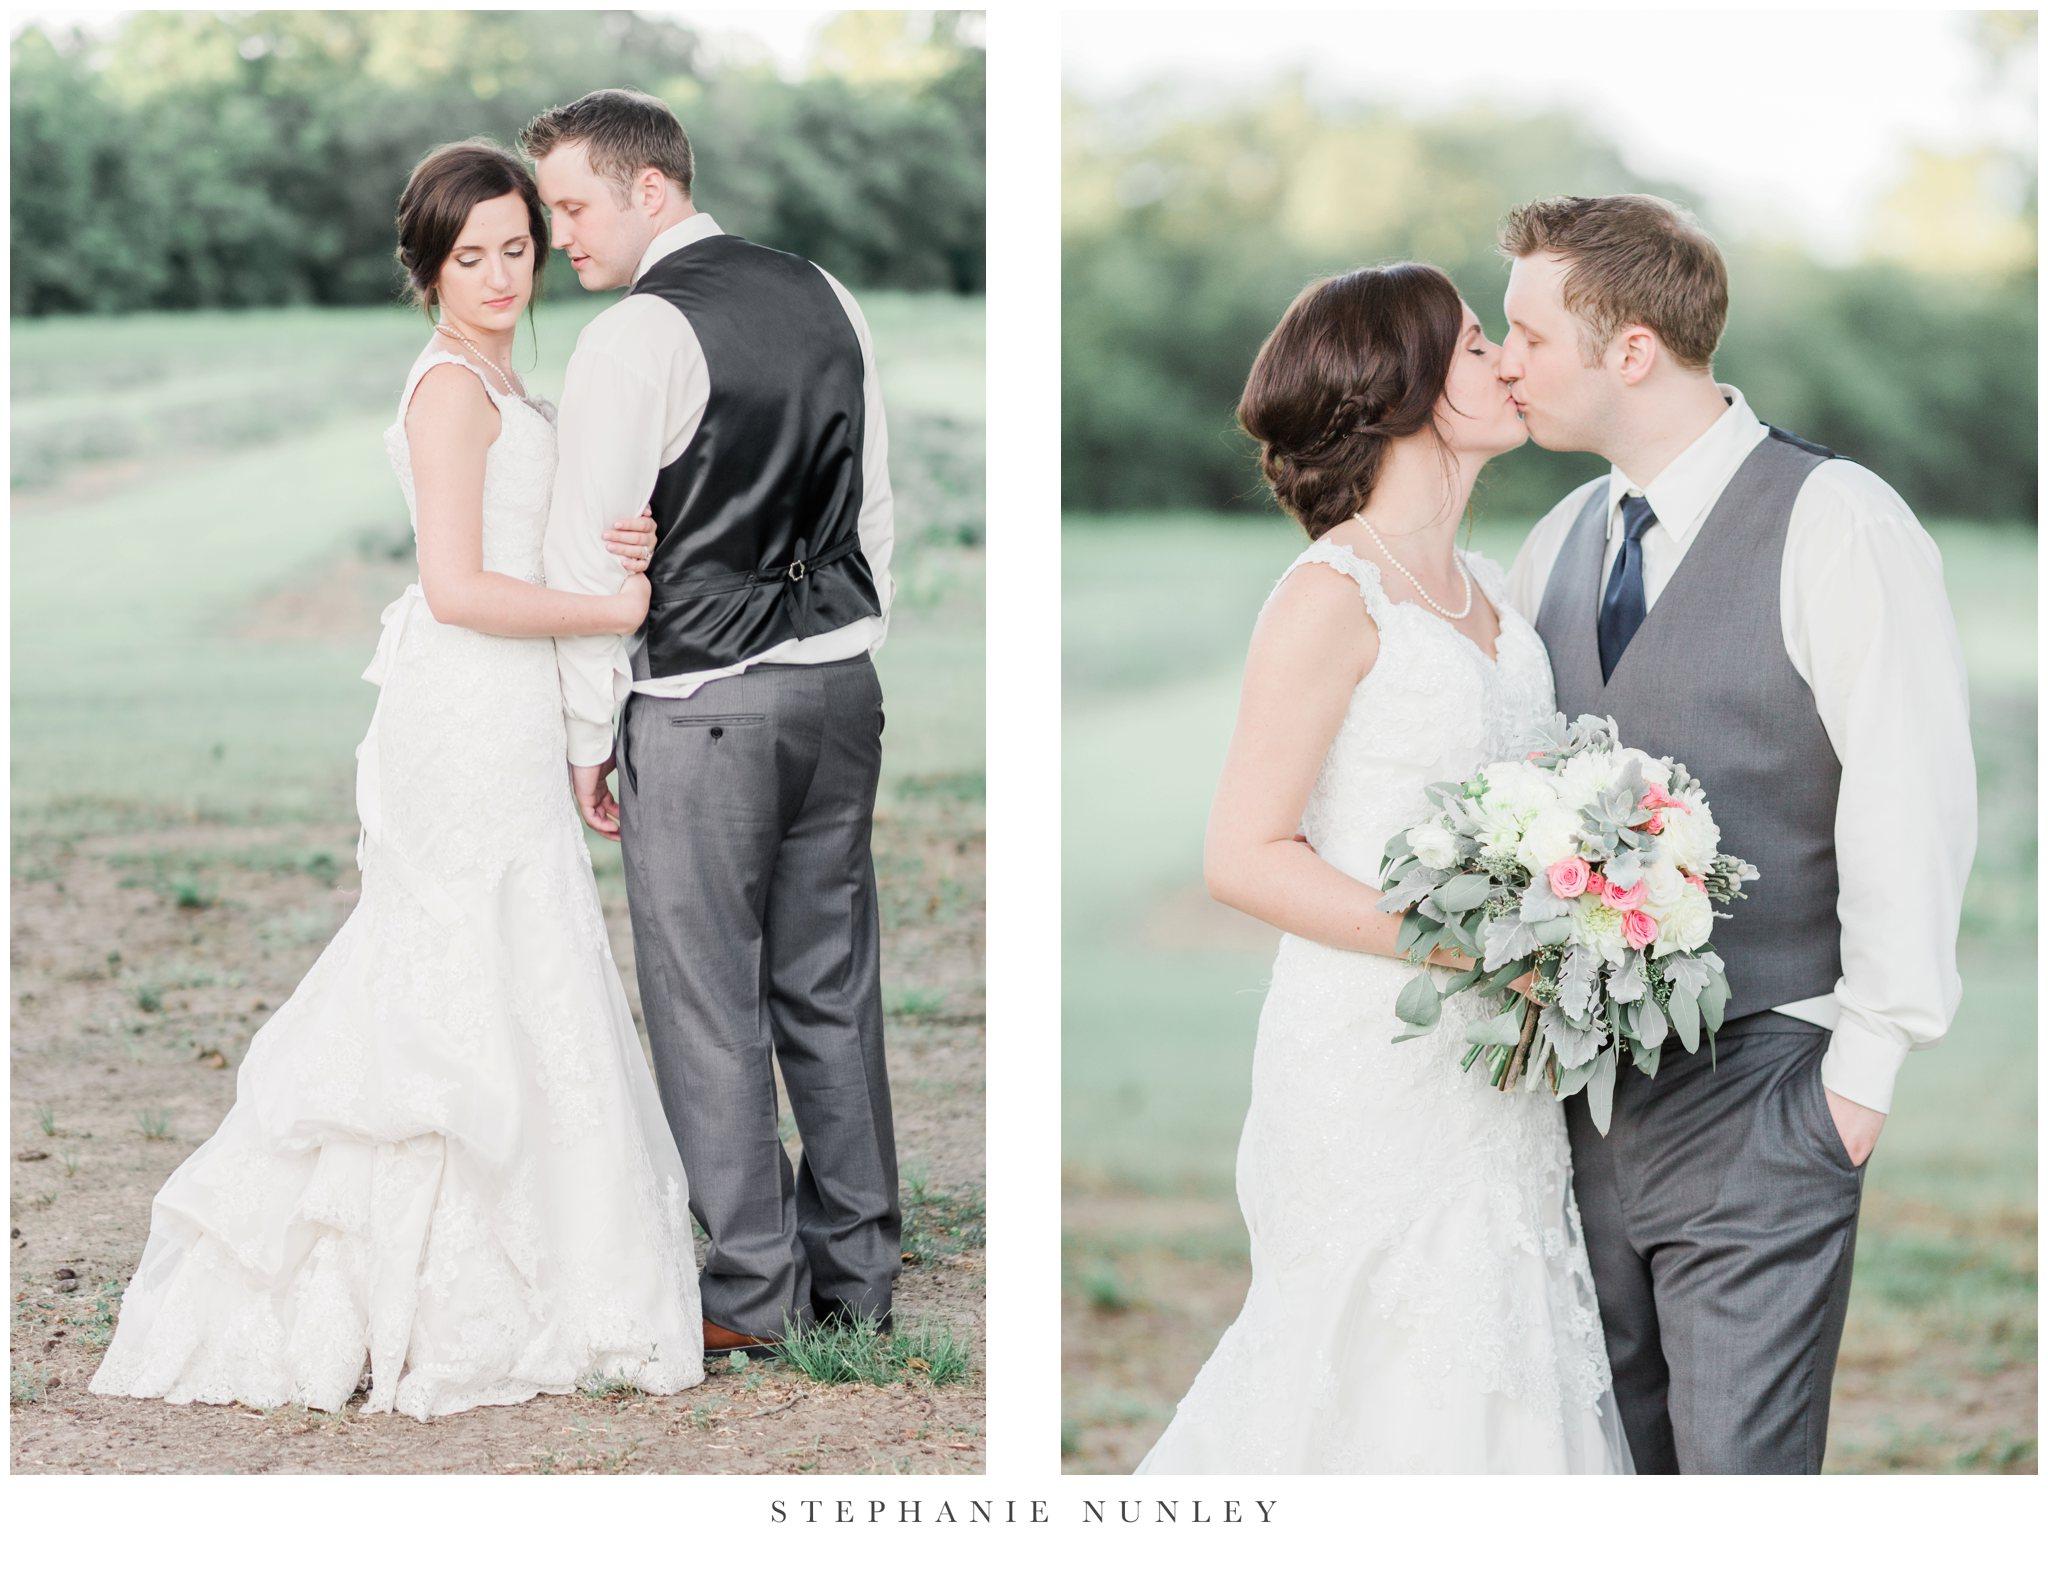 arkansas-outdoor-film-inspired-wedding-0106.jpg